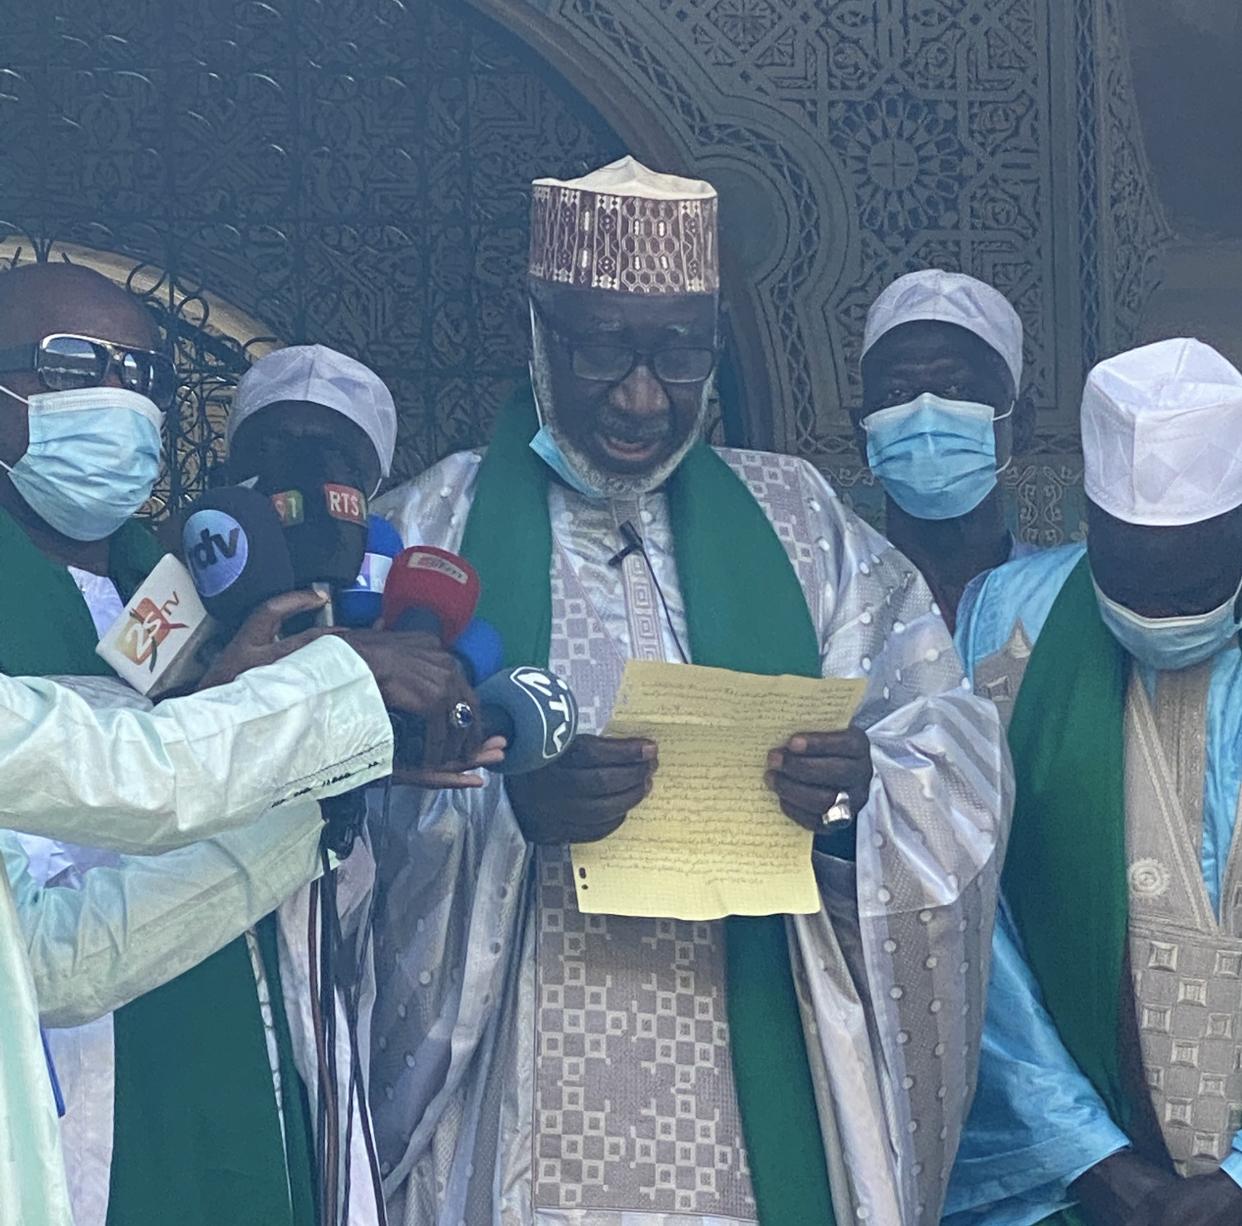 Imam Seydou Nourou Tall: « L'Etat doit tout faire pour soutenir la jeunesse. Les événements de mars prouvent que la situation des jeunes est inquiétante.. Mais les parents doivent renforcer l'Education des enfants...»